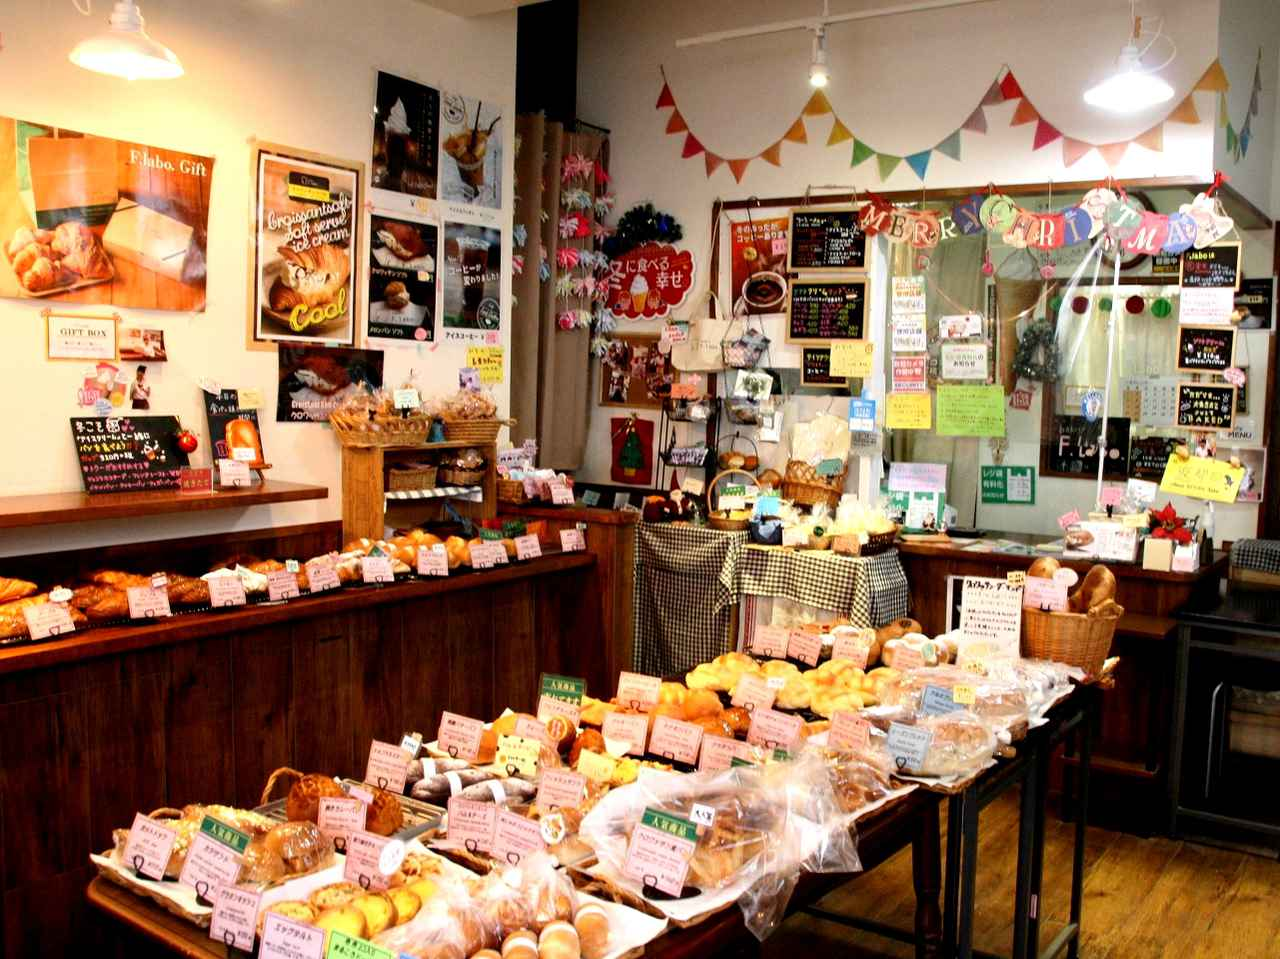 画像: まるでおもちゃ箱のような楽しい雰囲気も感じる店内に、約50種類のパンが